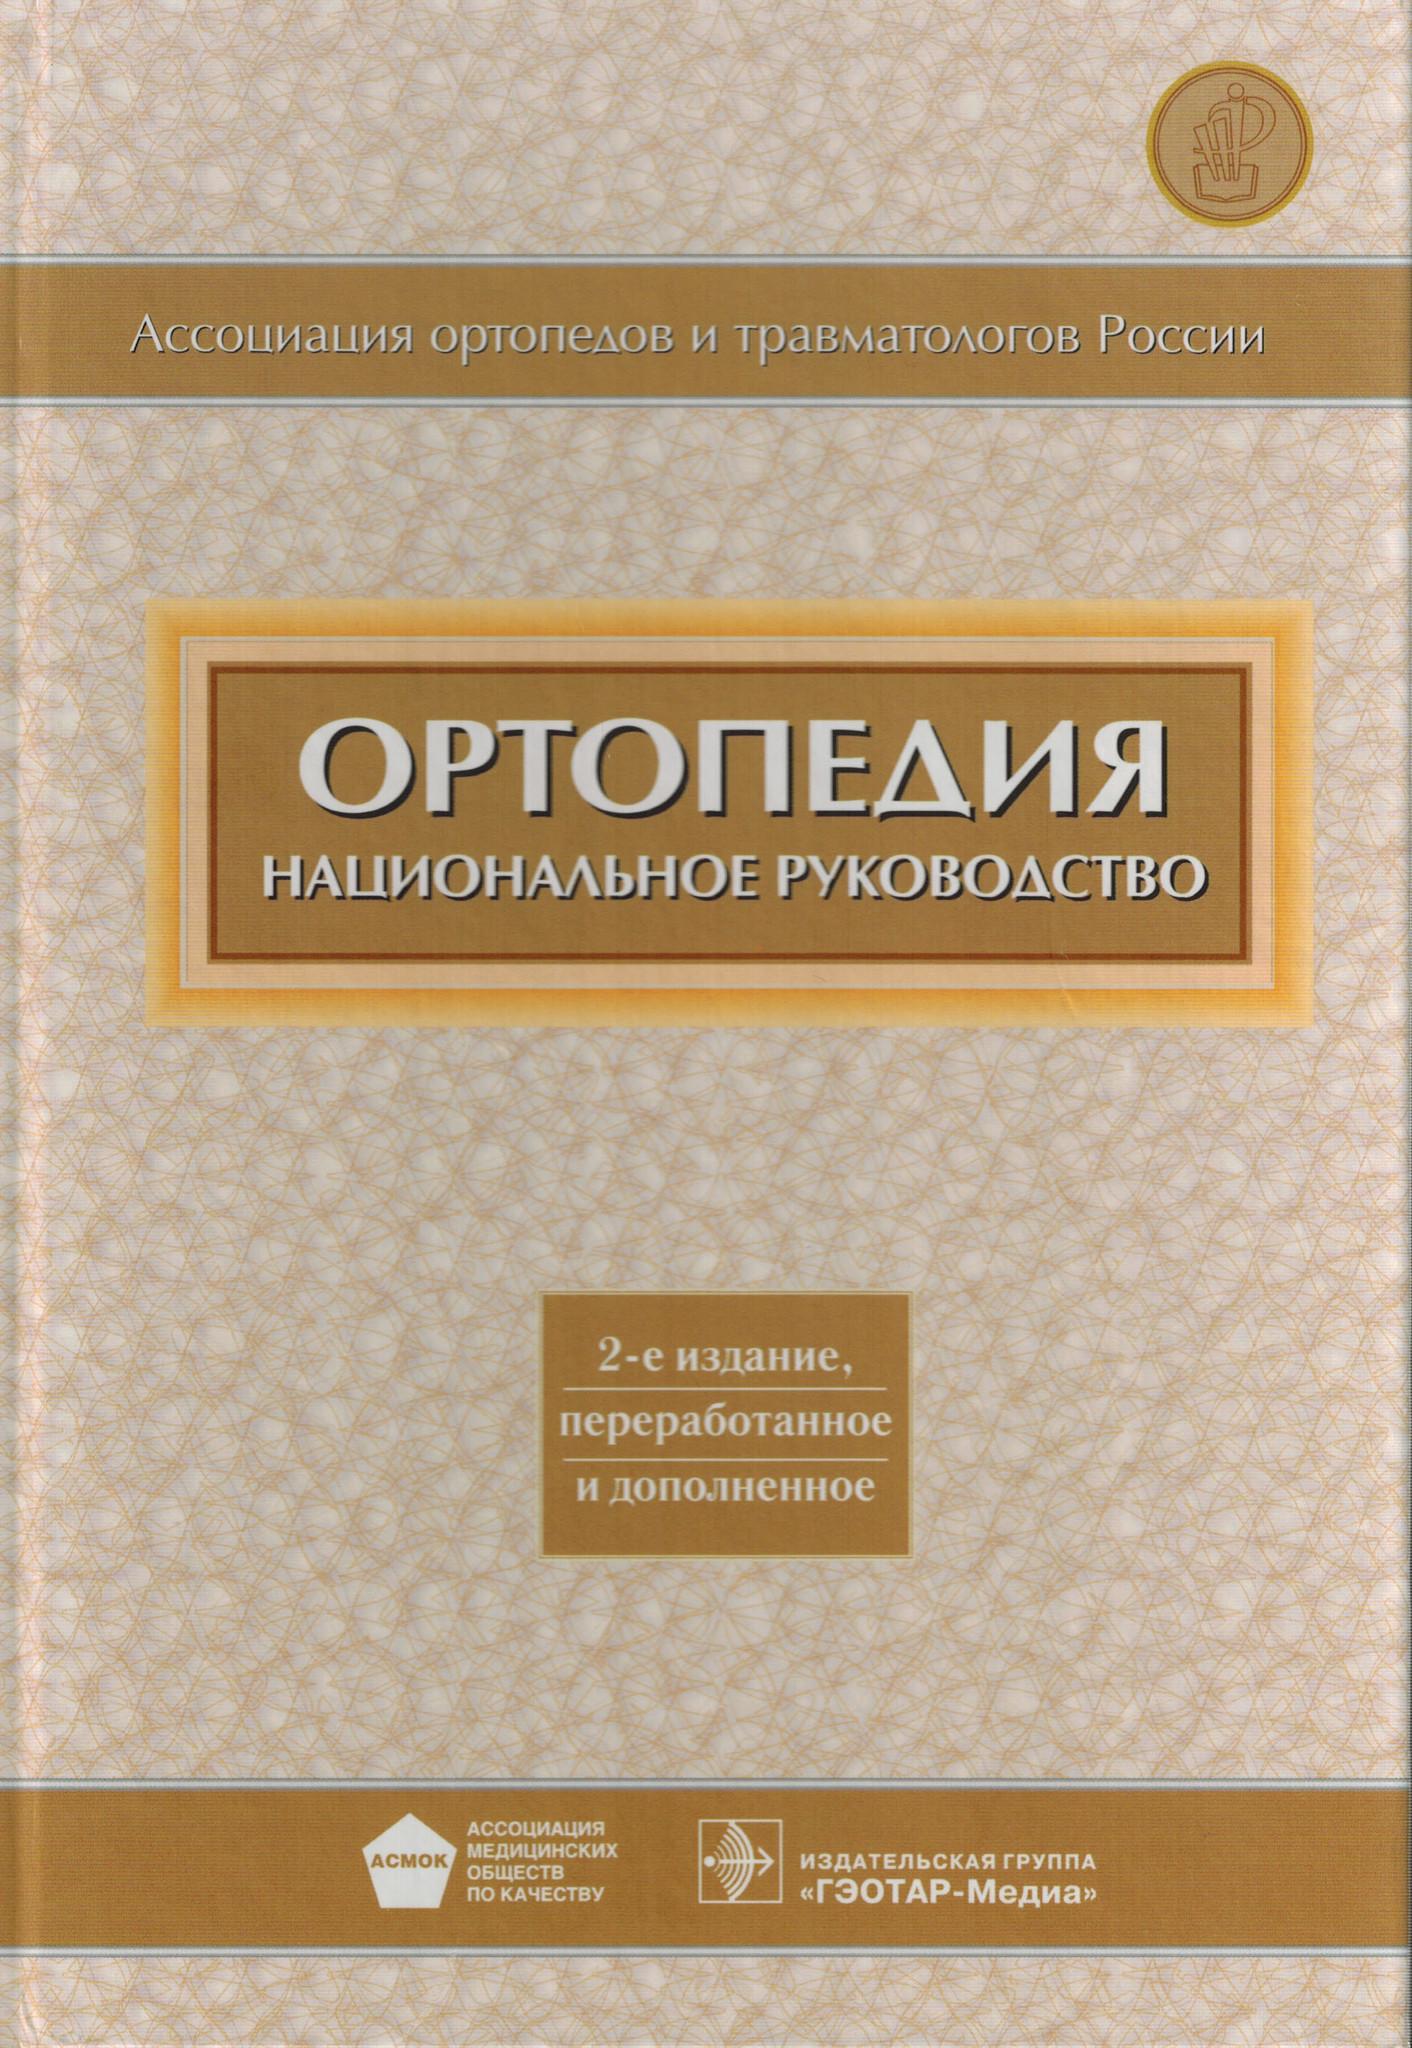 Травматология и Ортопедия Ортопедия. Национальное руководство ort.jpg